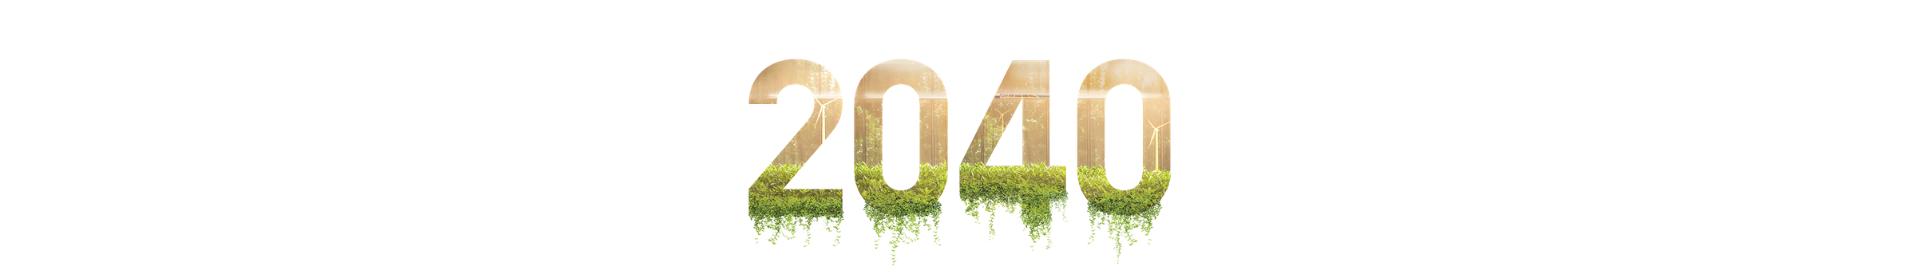 2040 US Virtual Screenings